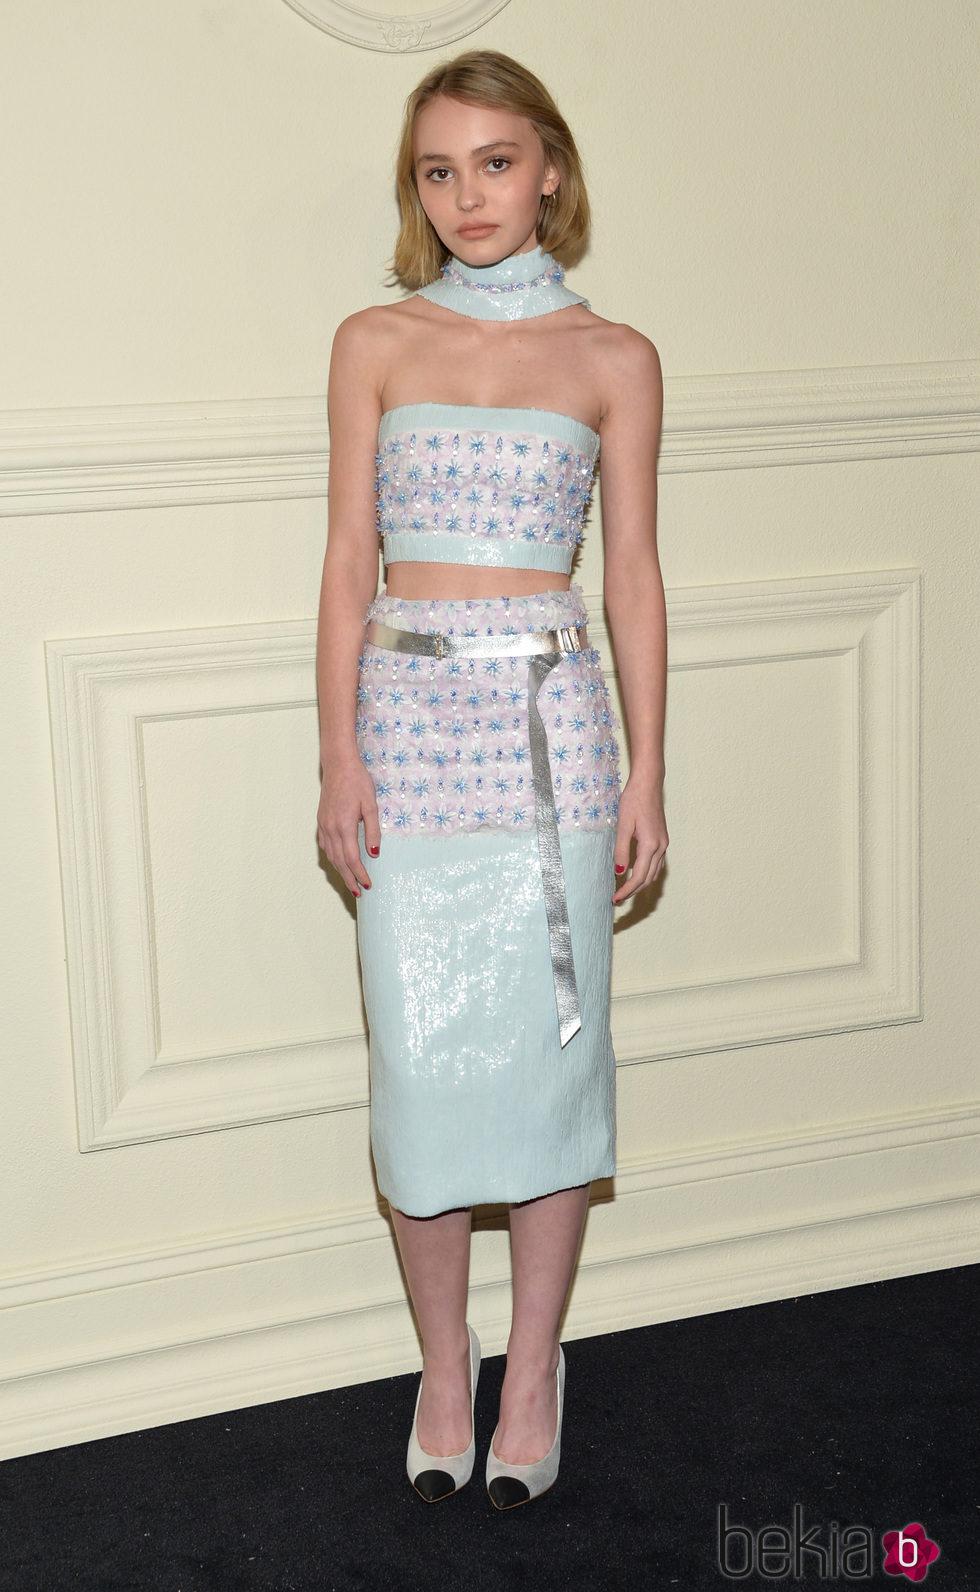 Lilly-Rose Depp en la presentación en Nueva York de la colección de Chanel París-Salzburgo 2014/15